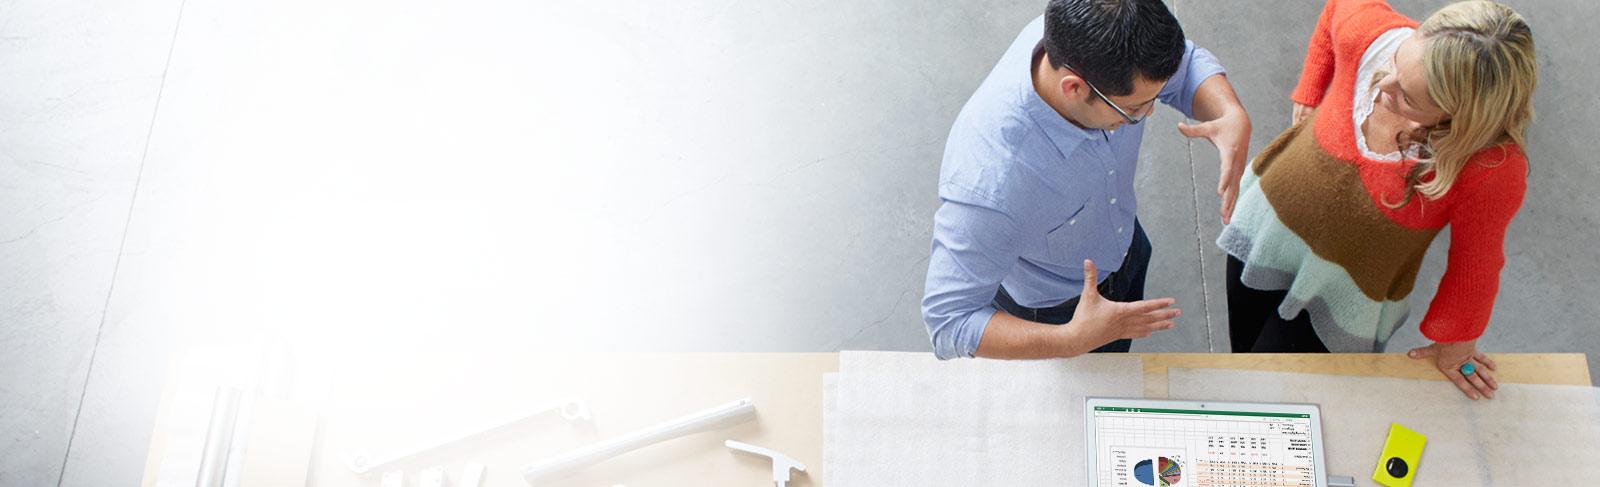 Un hombre y una mujer junto a una mesa de diseño usando Office 365 ProPlus en una tableta.